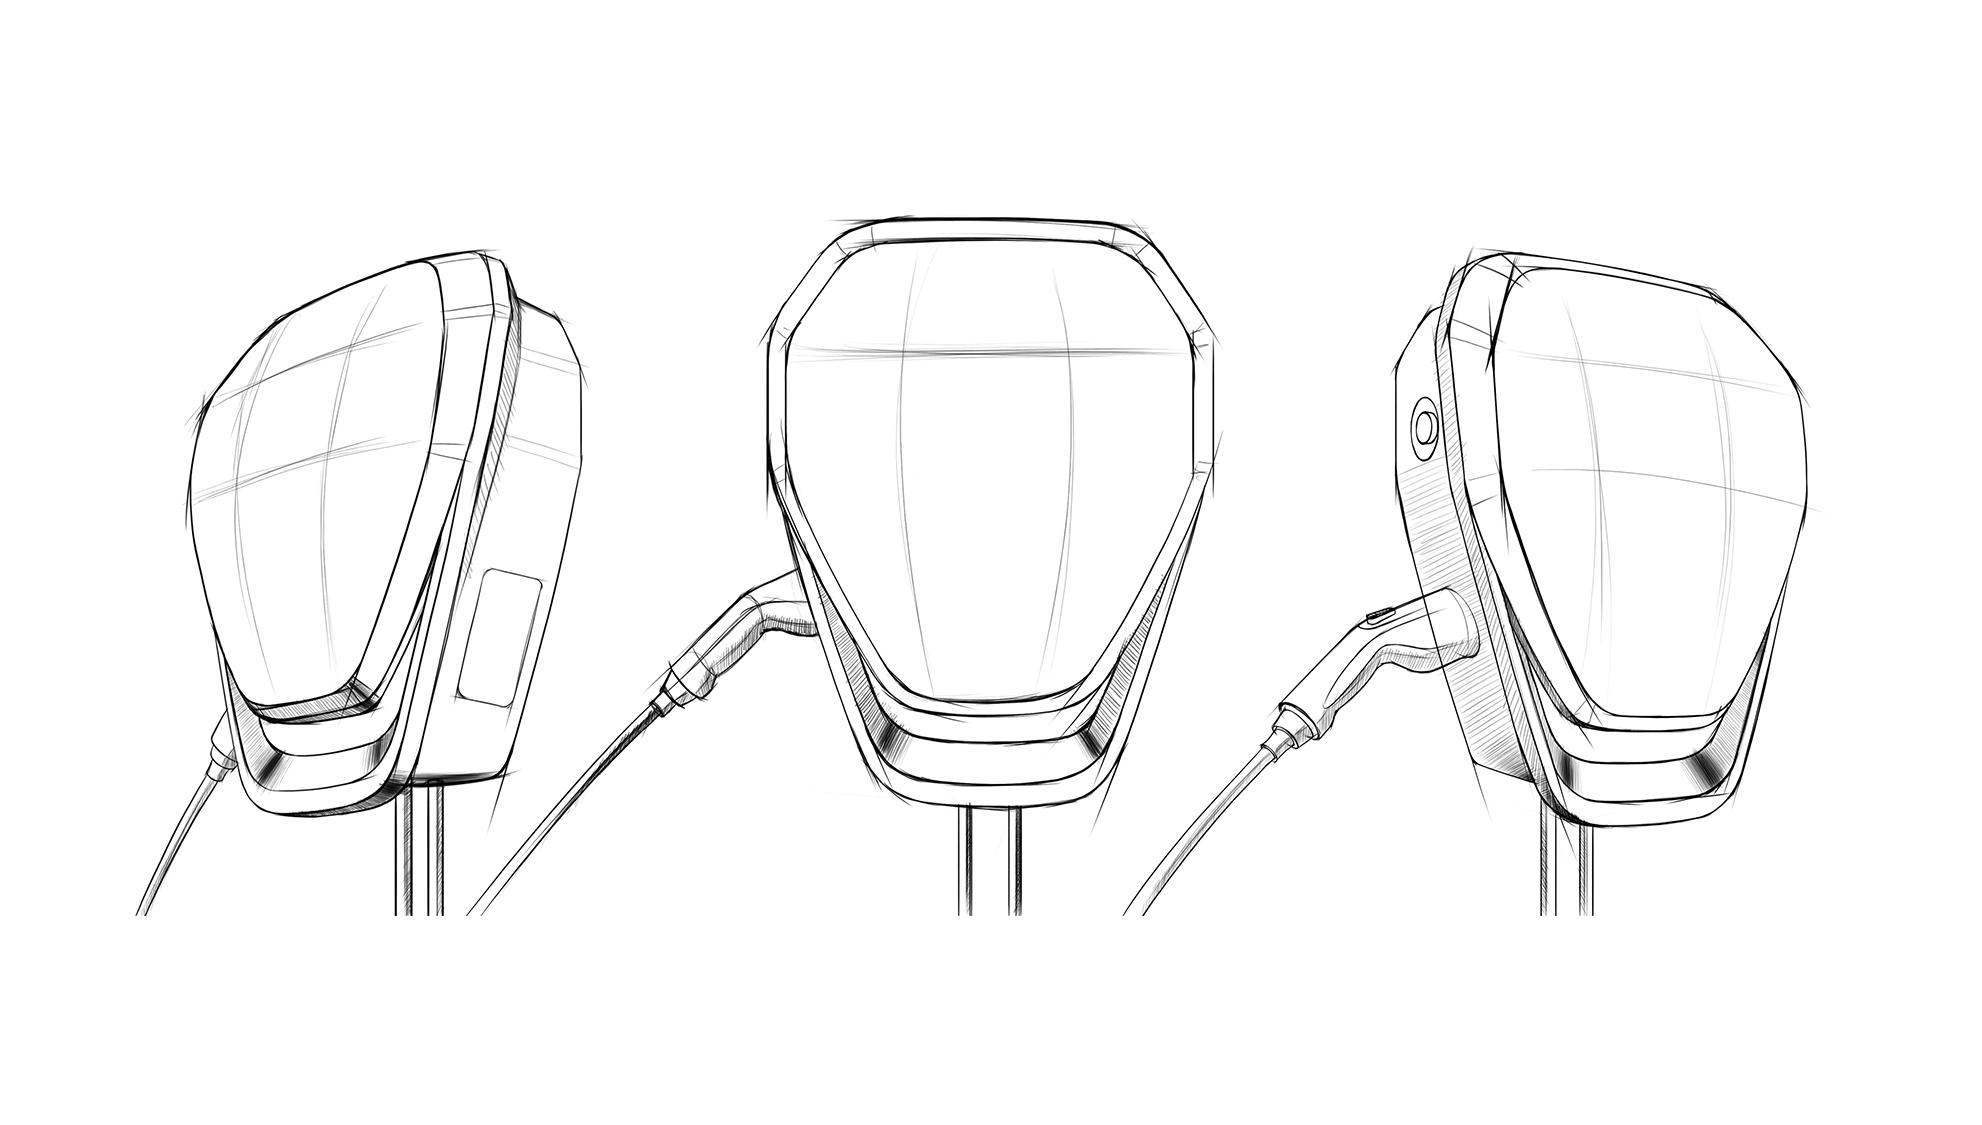 [新能源产品设计]新能源充电器/直流/交流充电桩外观工业设计